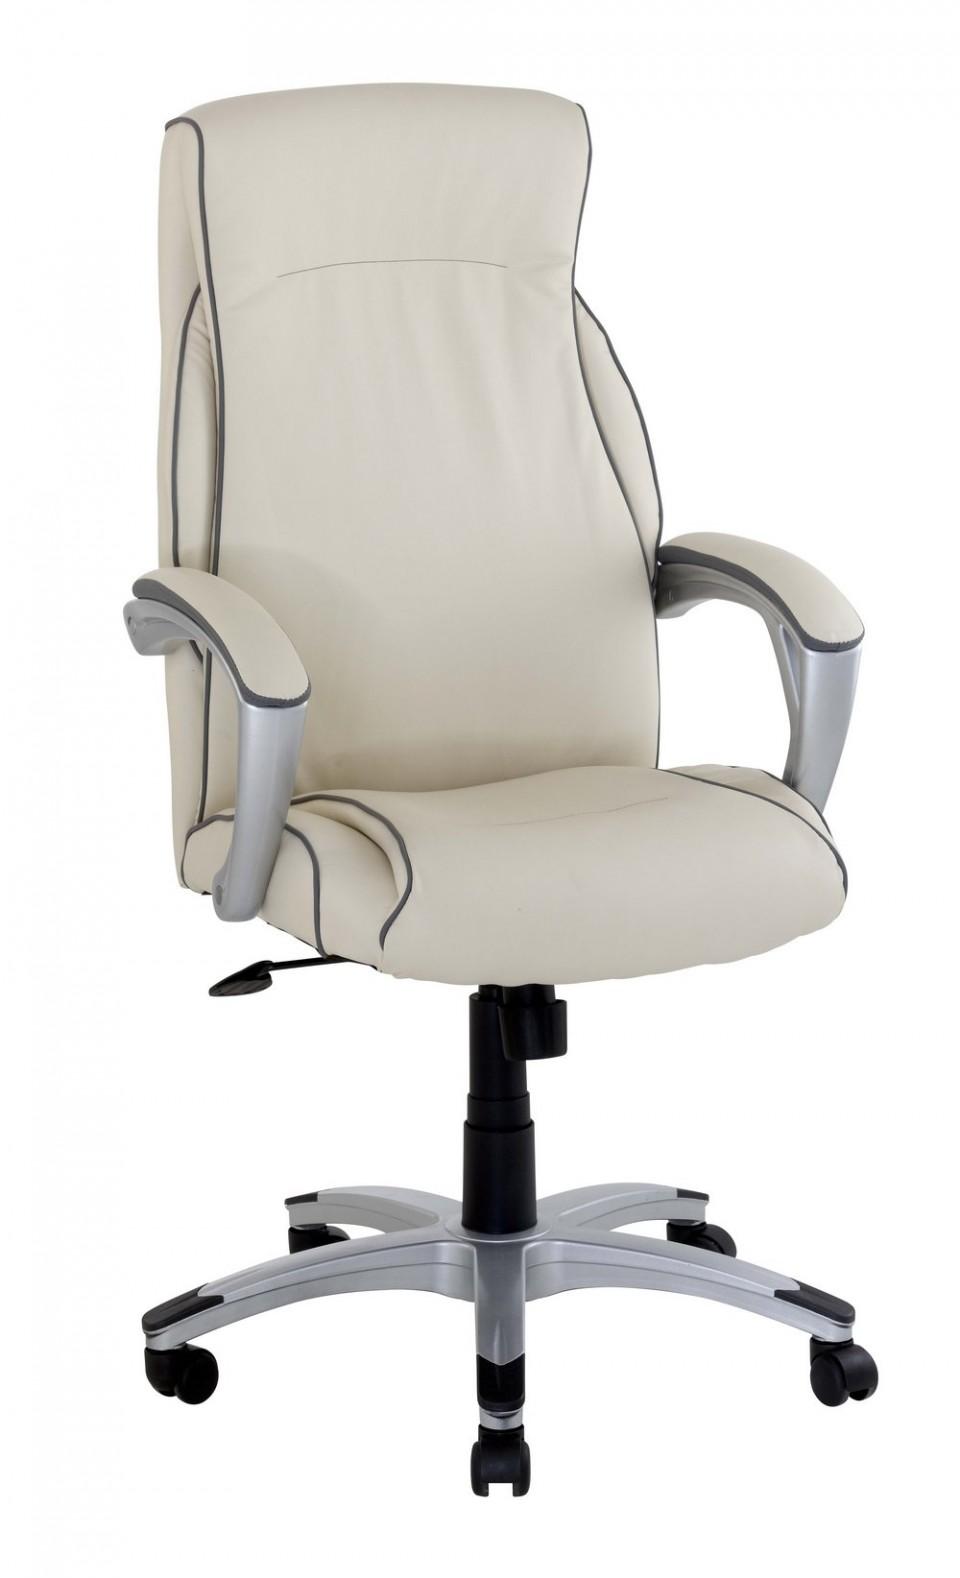 fauteuil de direction akim achat si ges de bureau 178 00. Black Bedroom Furniture Sets. Home Design Ideas